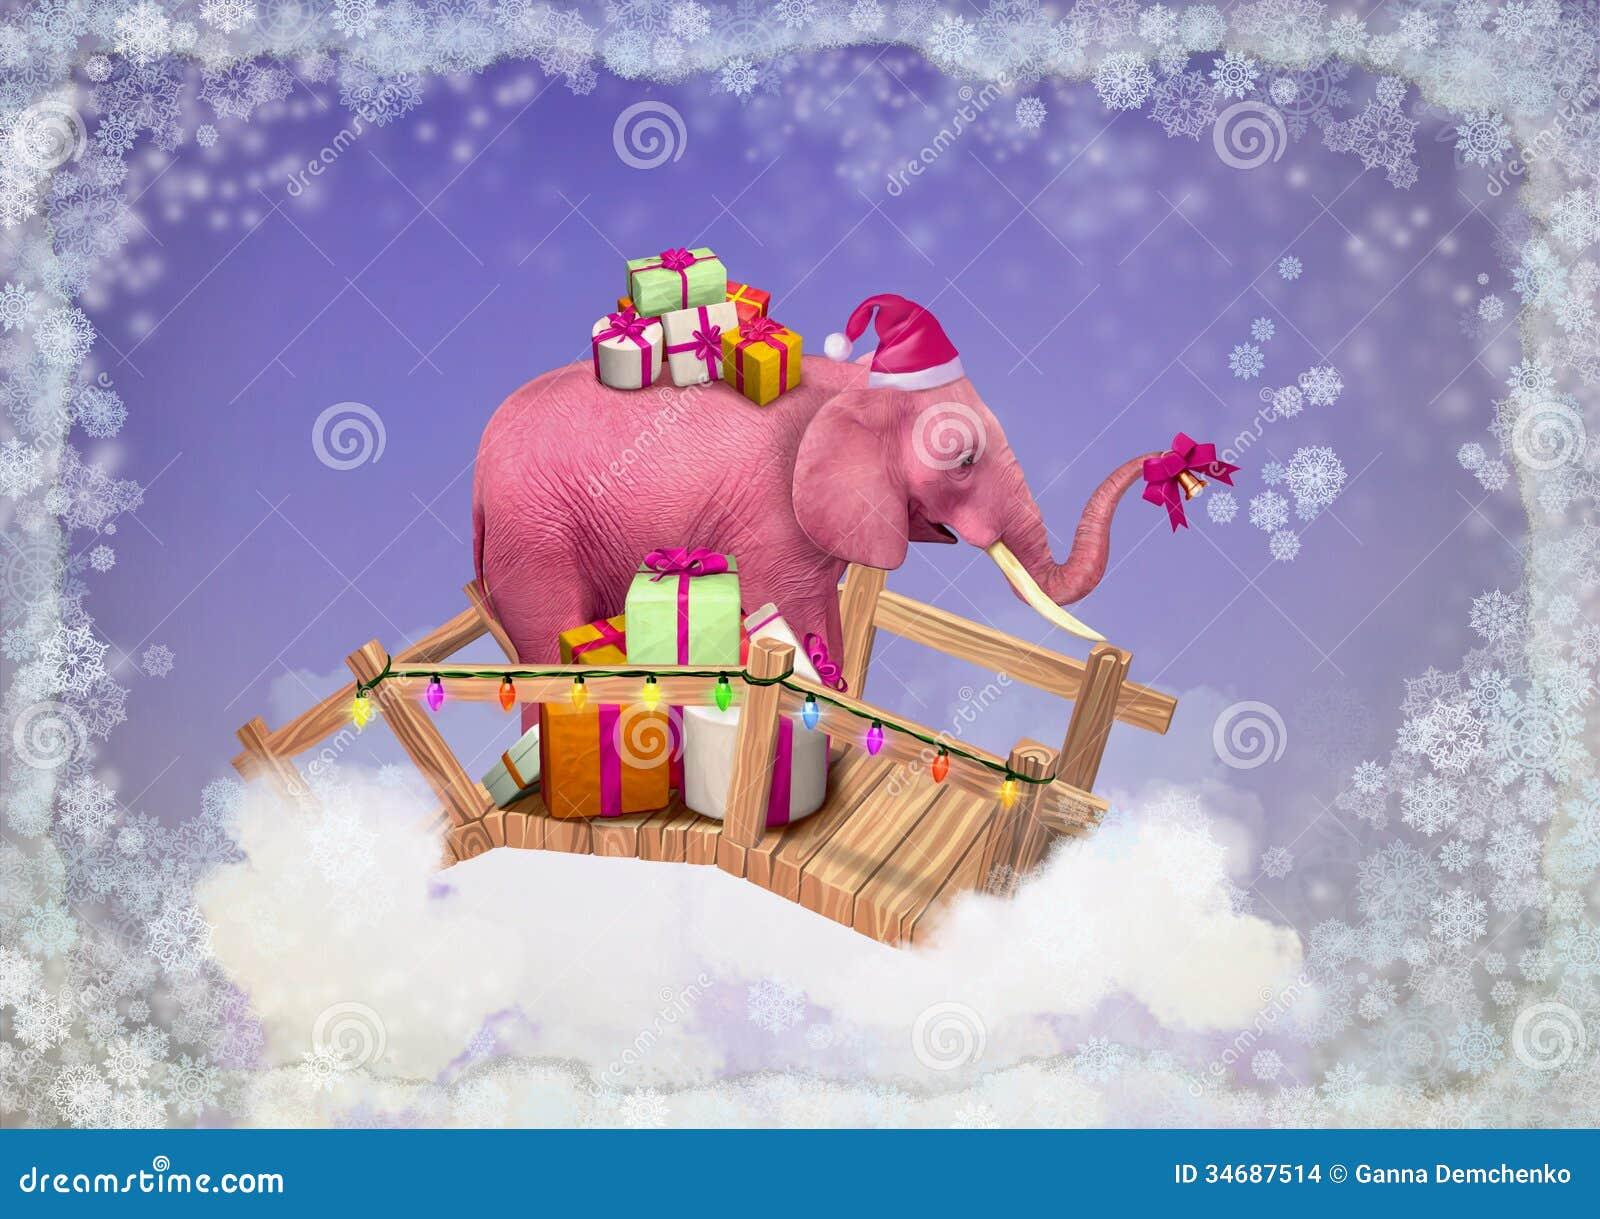 Rosa Elefant Im Himmel Mit Weihnachtsgeschenken. Stock Abbildung ...